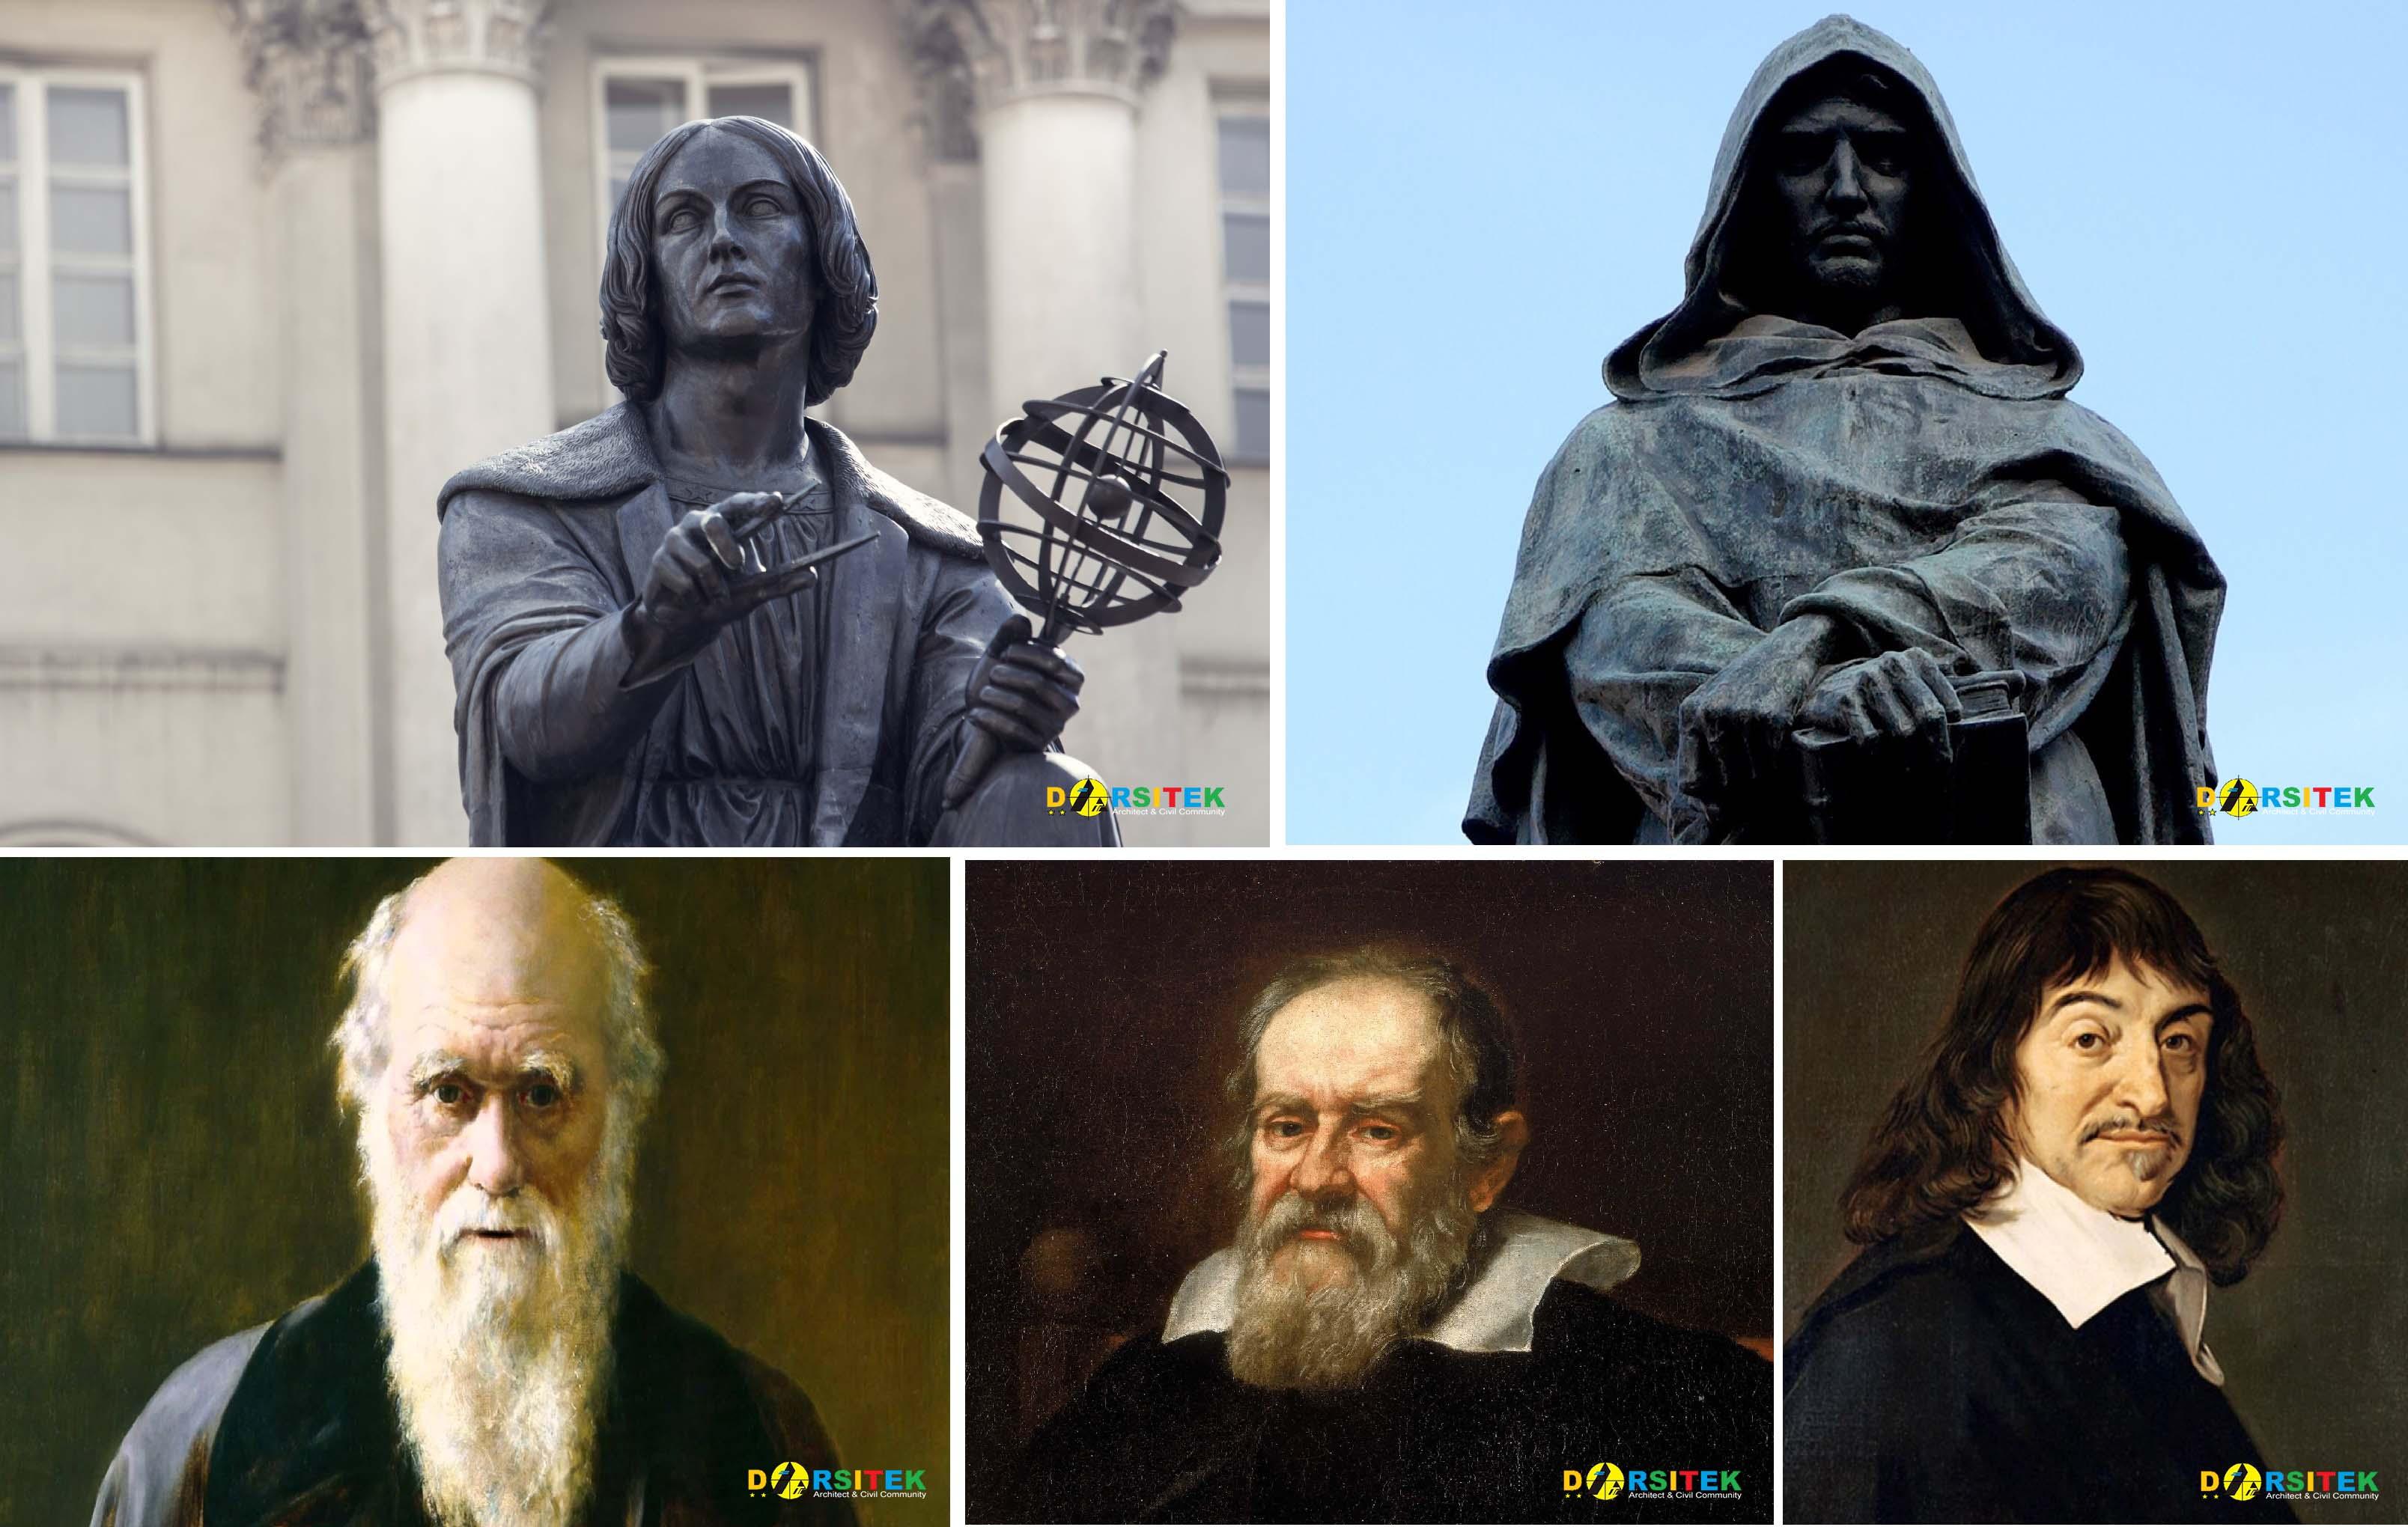 Ilmuwan yang dianggap sesat oleh agama